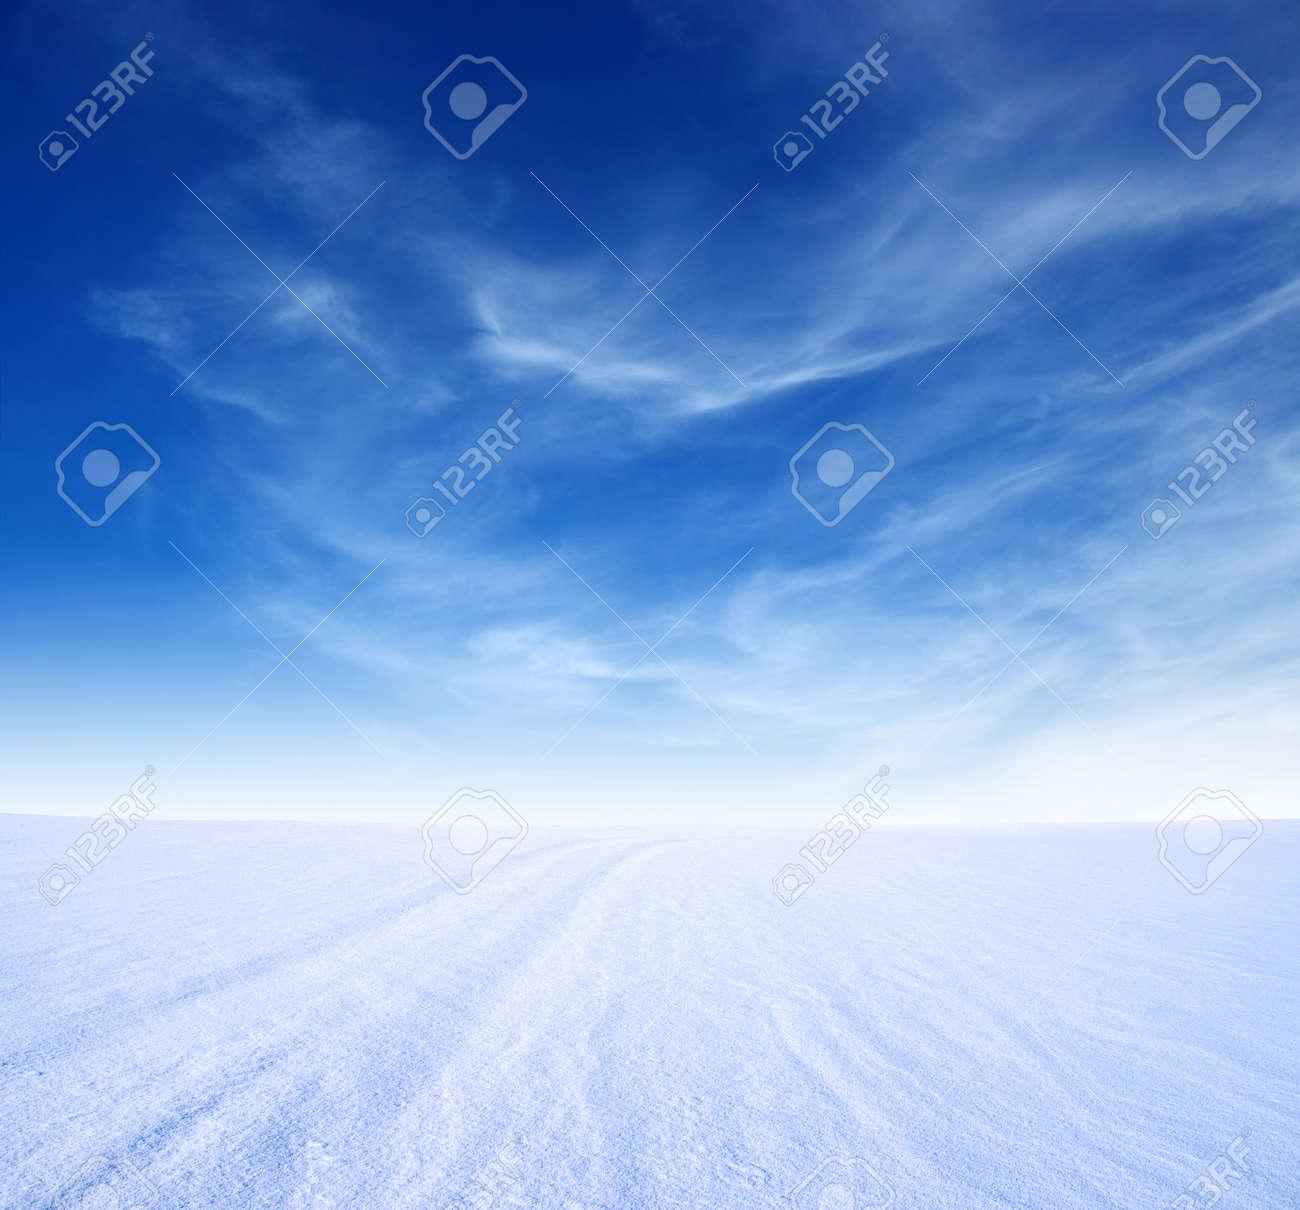 montagne de neige et le ciel bleu Banque d'images - 36735072